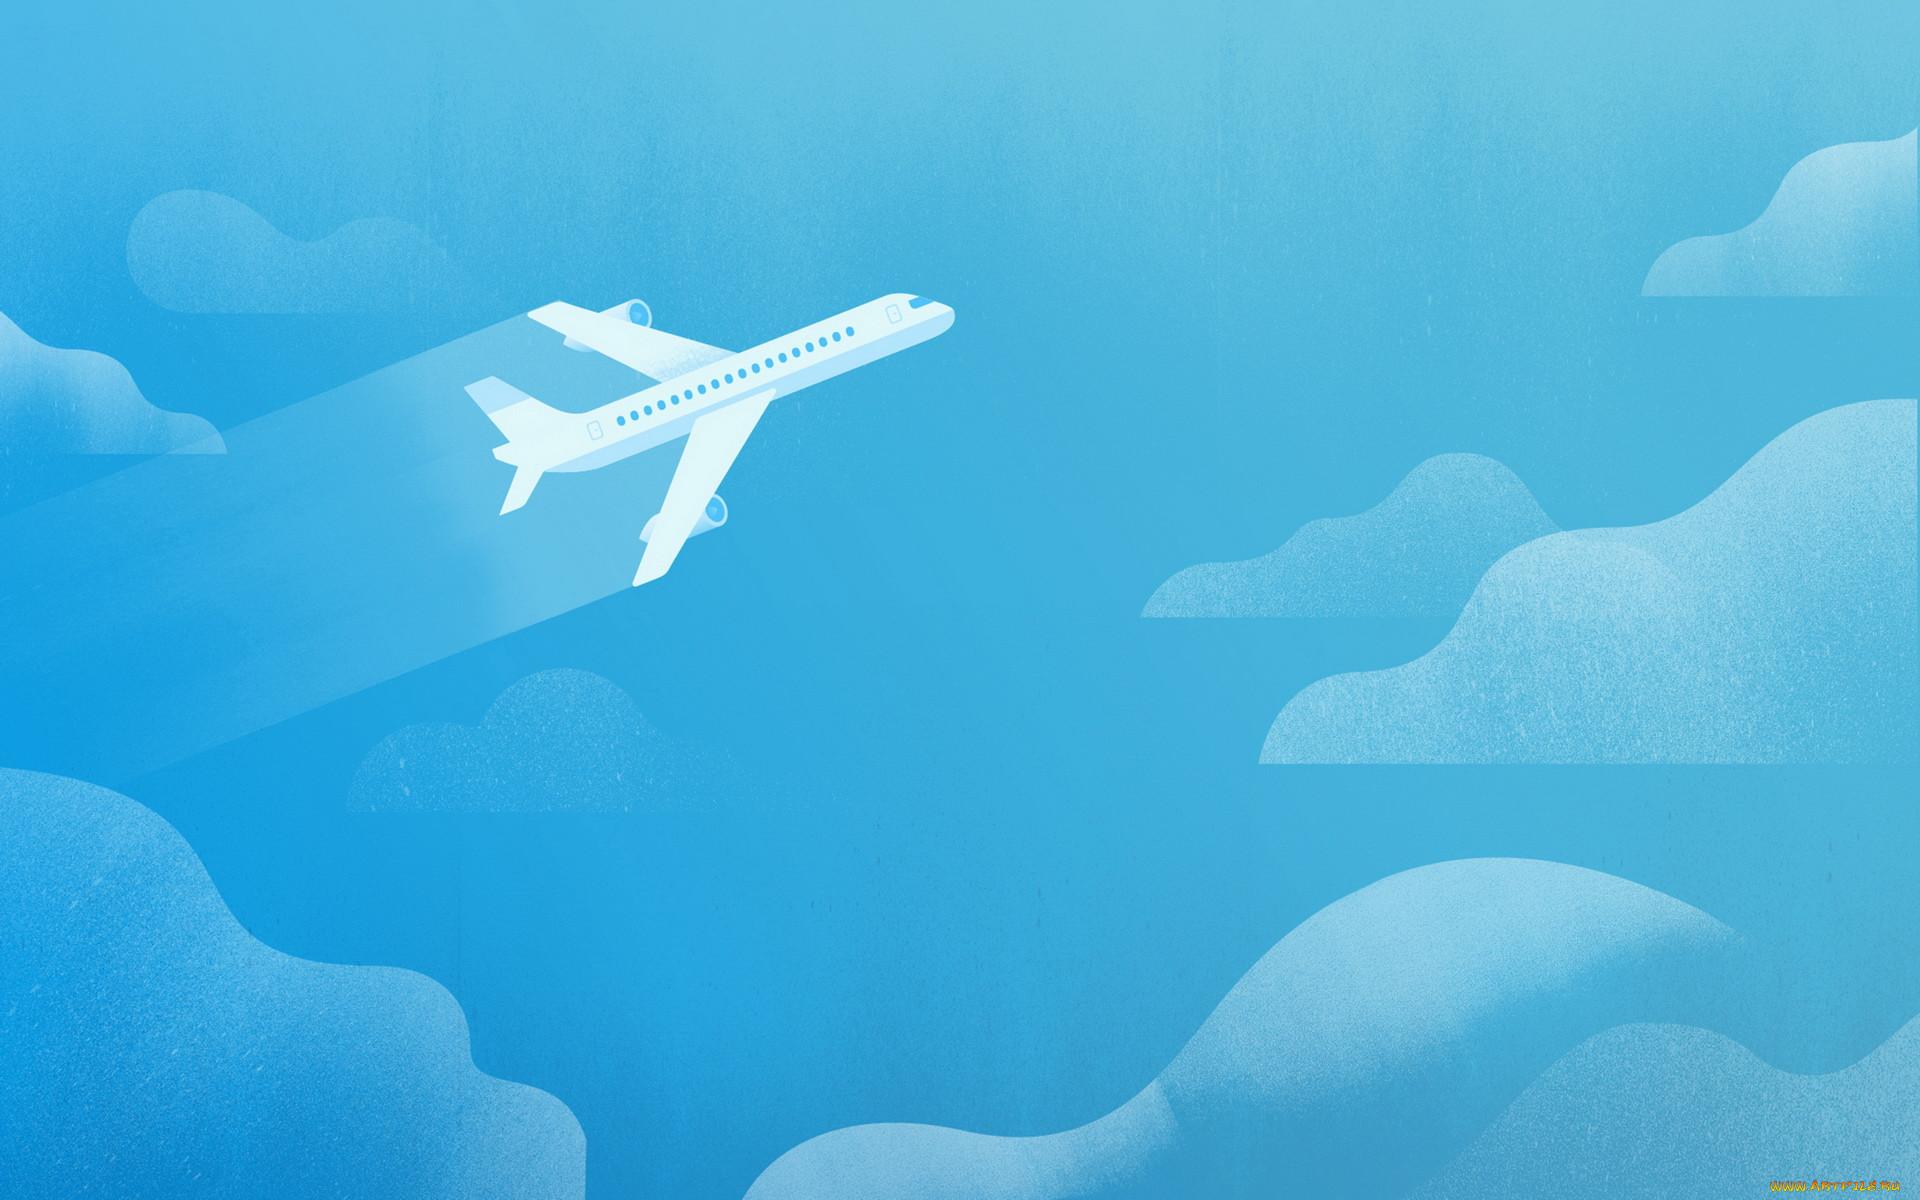 трудно картинки самолетов для презентации сегодня телефону